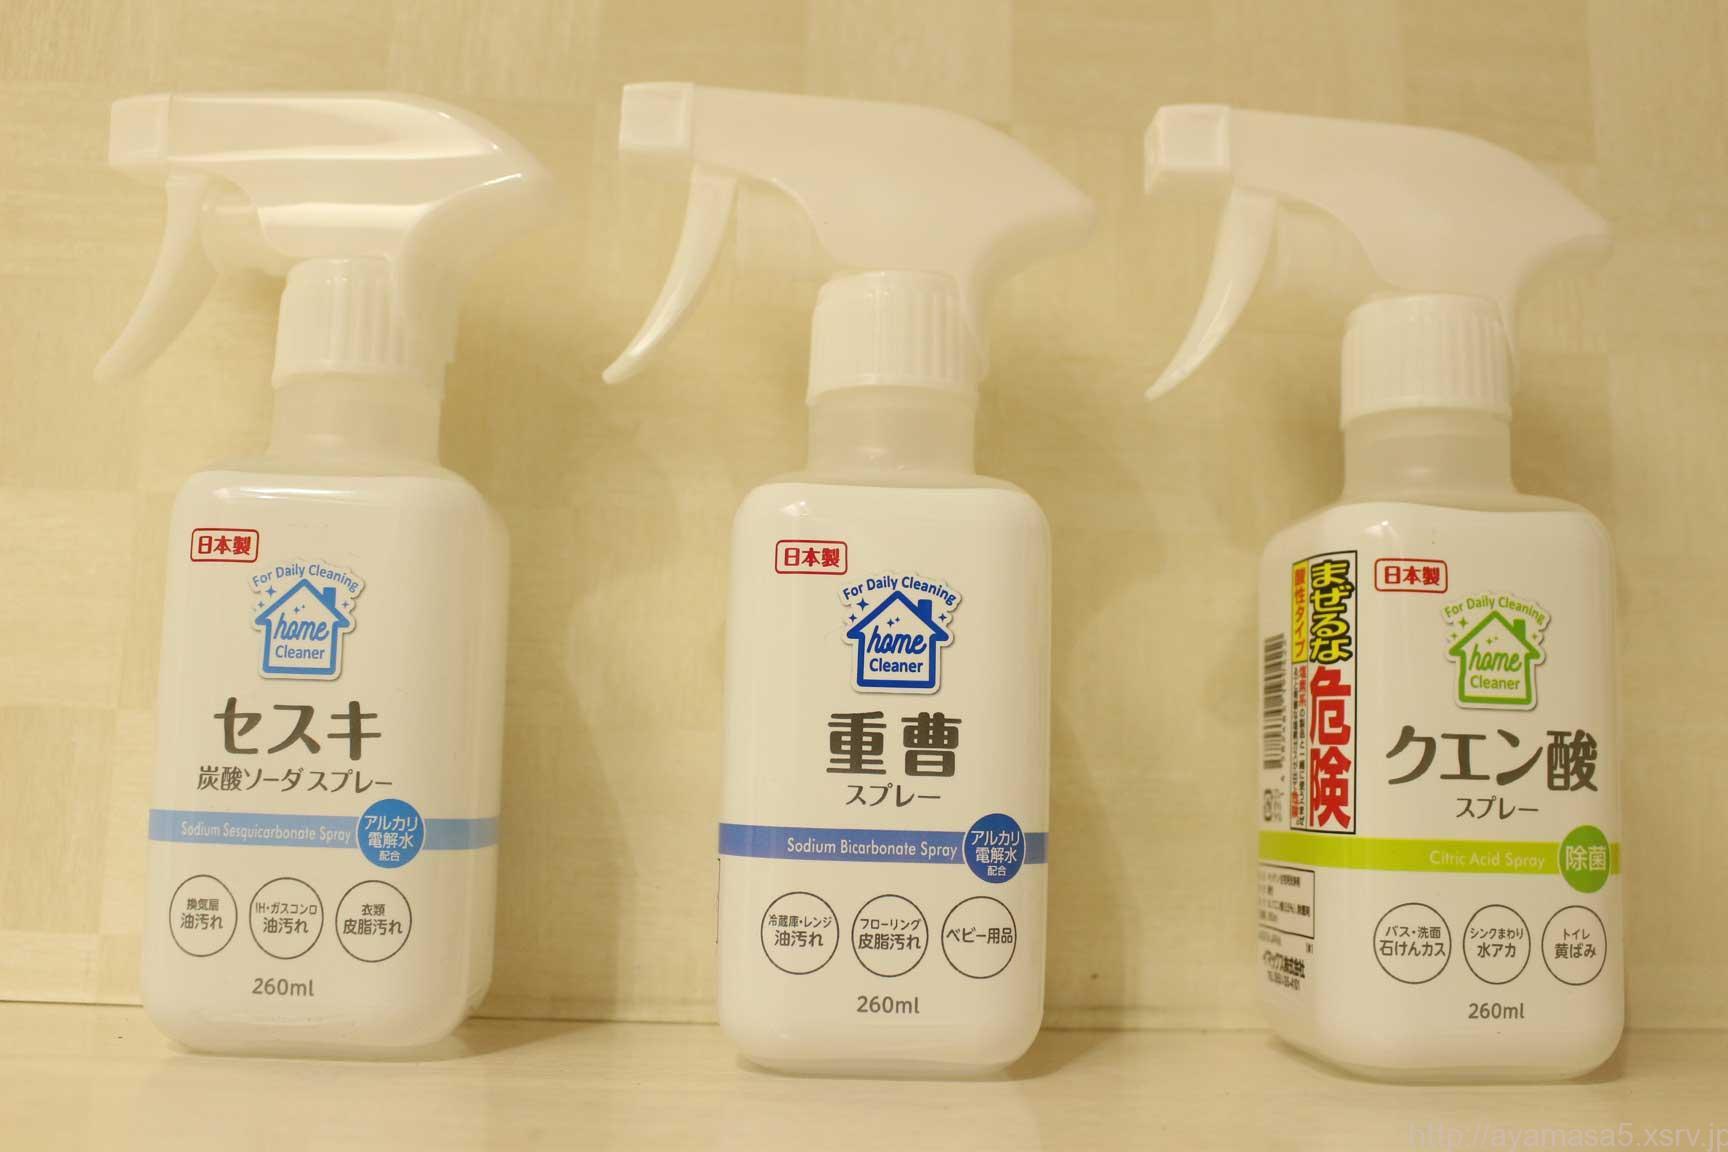 クエン酸,ホワイトボトル化,モノトーンボトル,無料,方法,簡単,100均